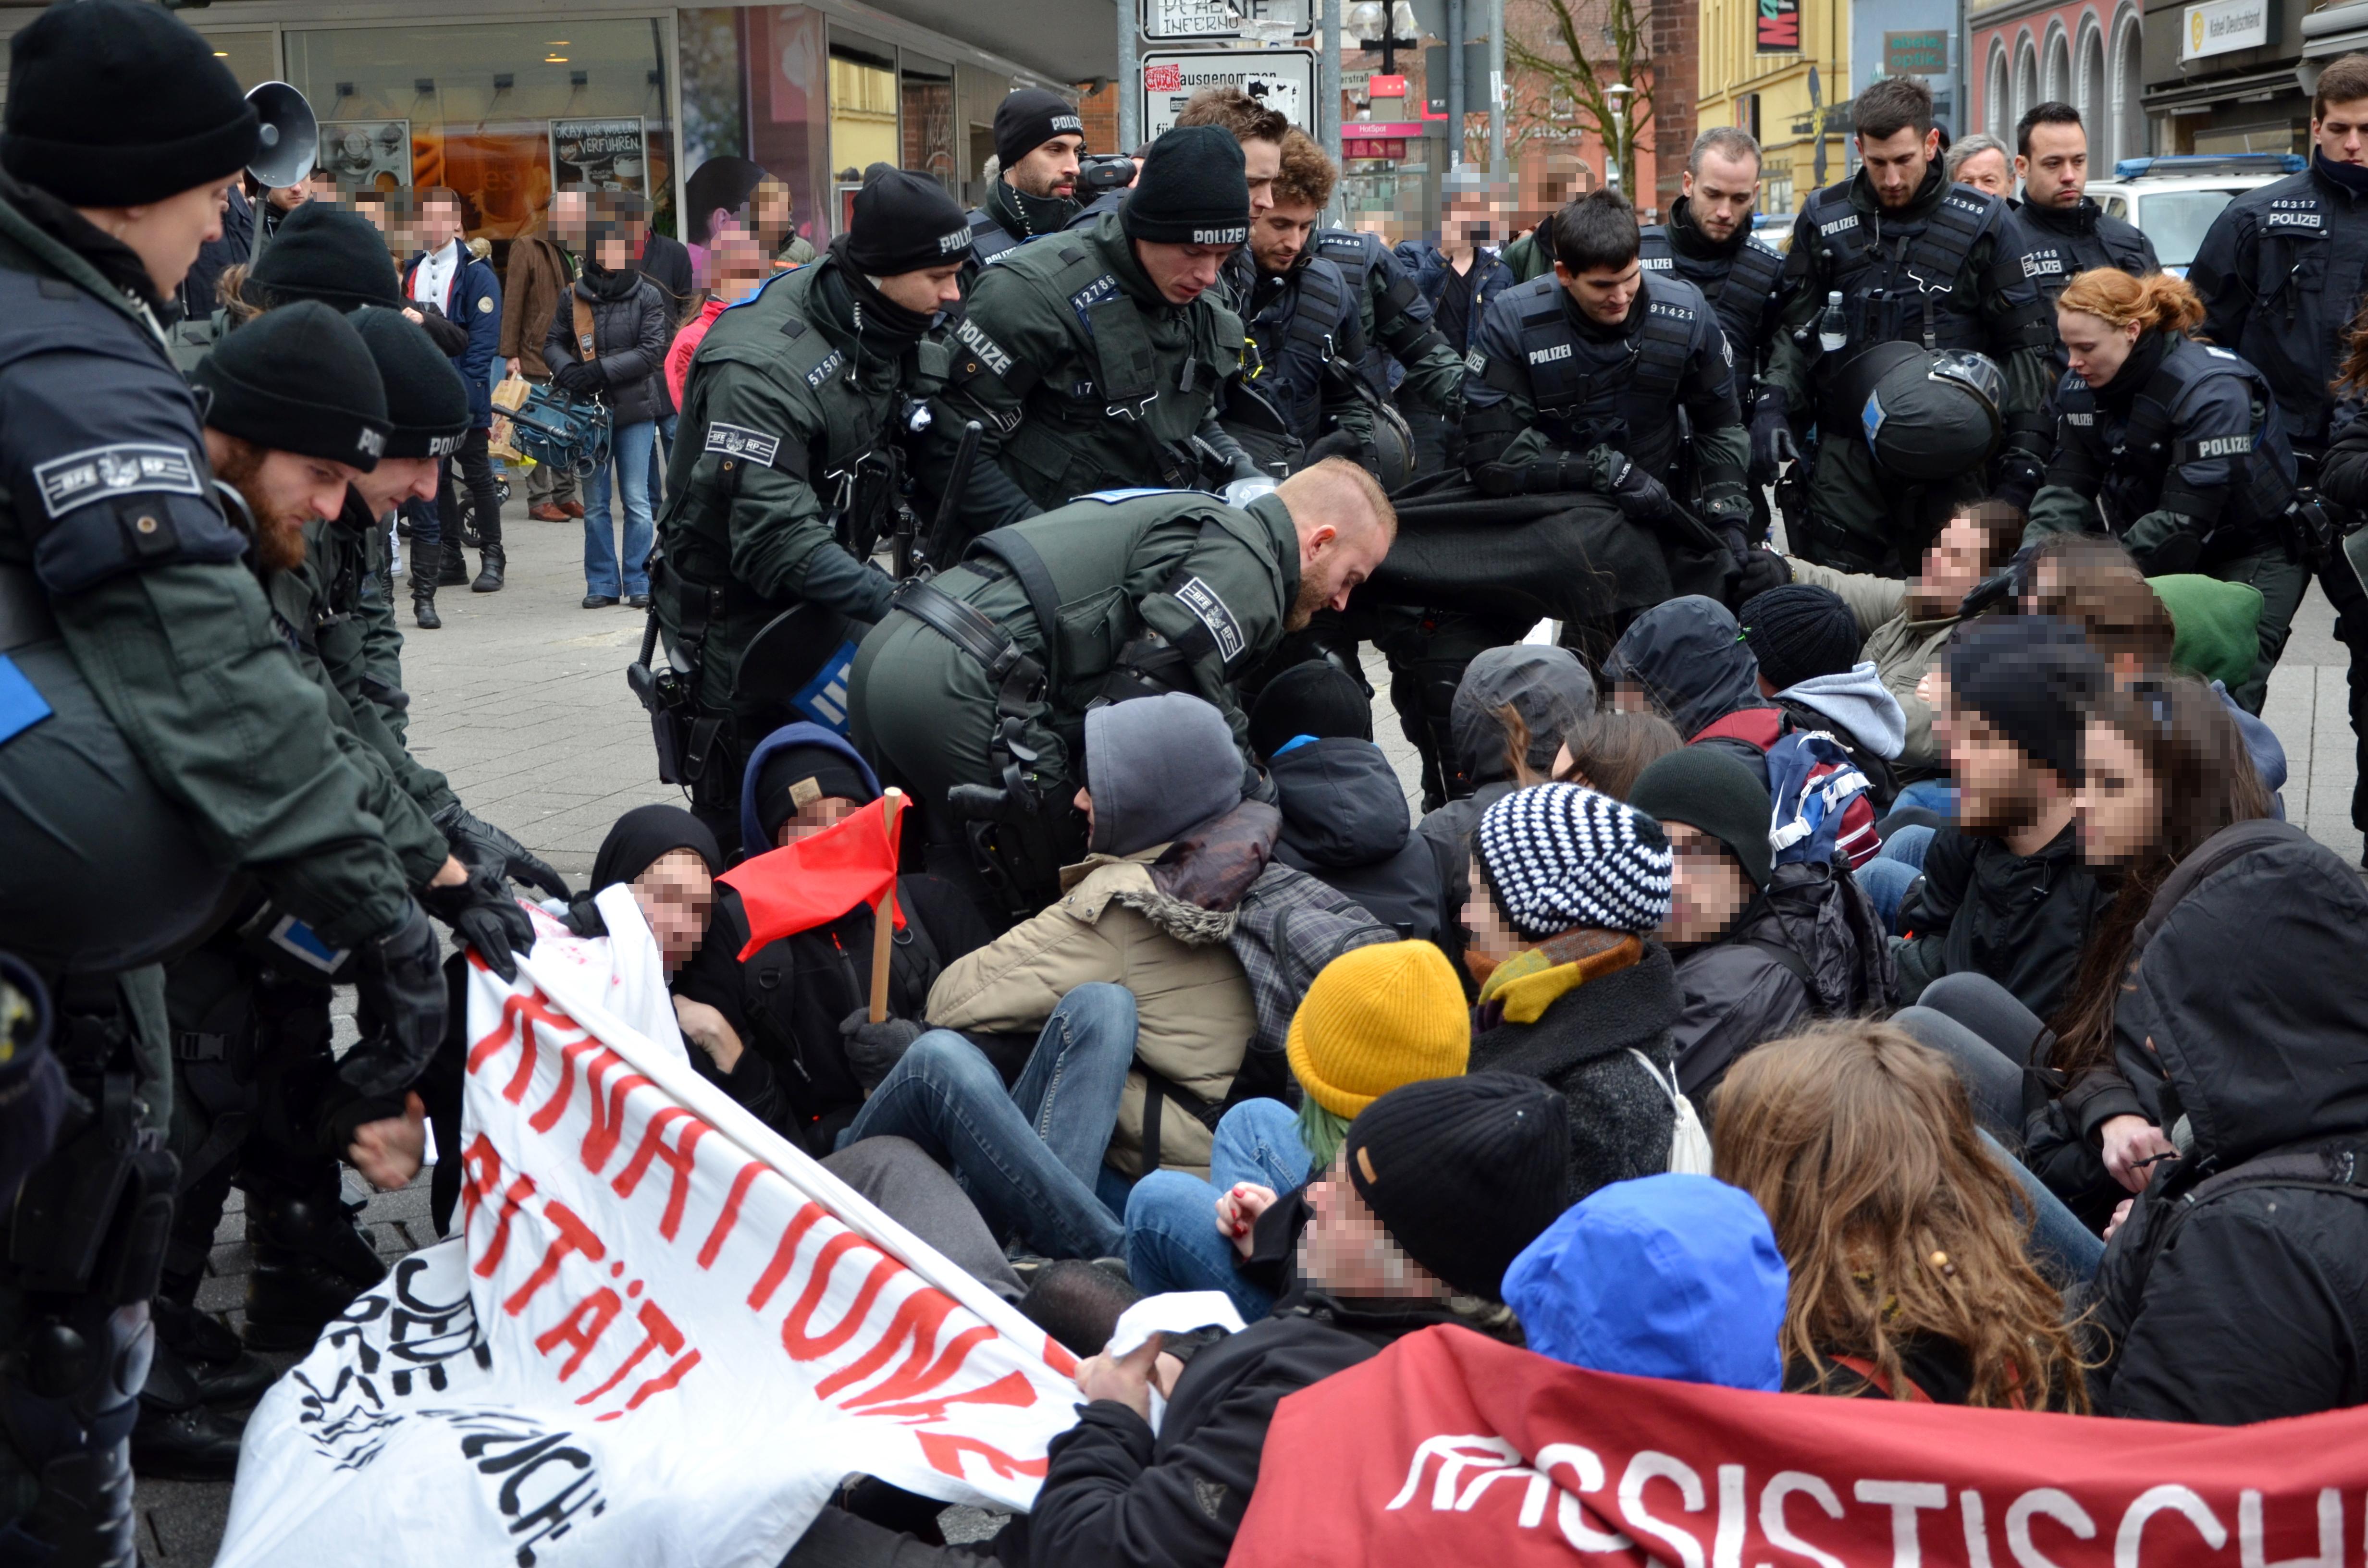 Räumung der Blockade in der Schneiderstraße